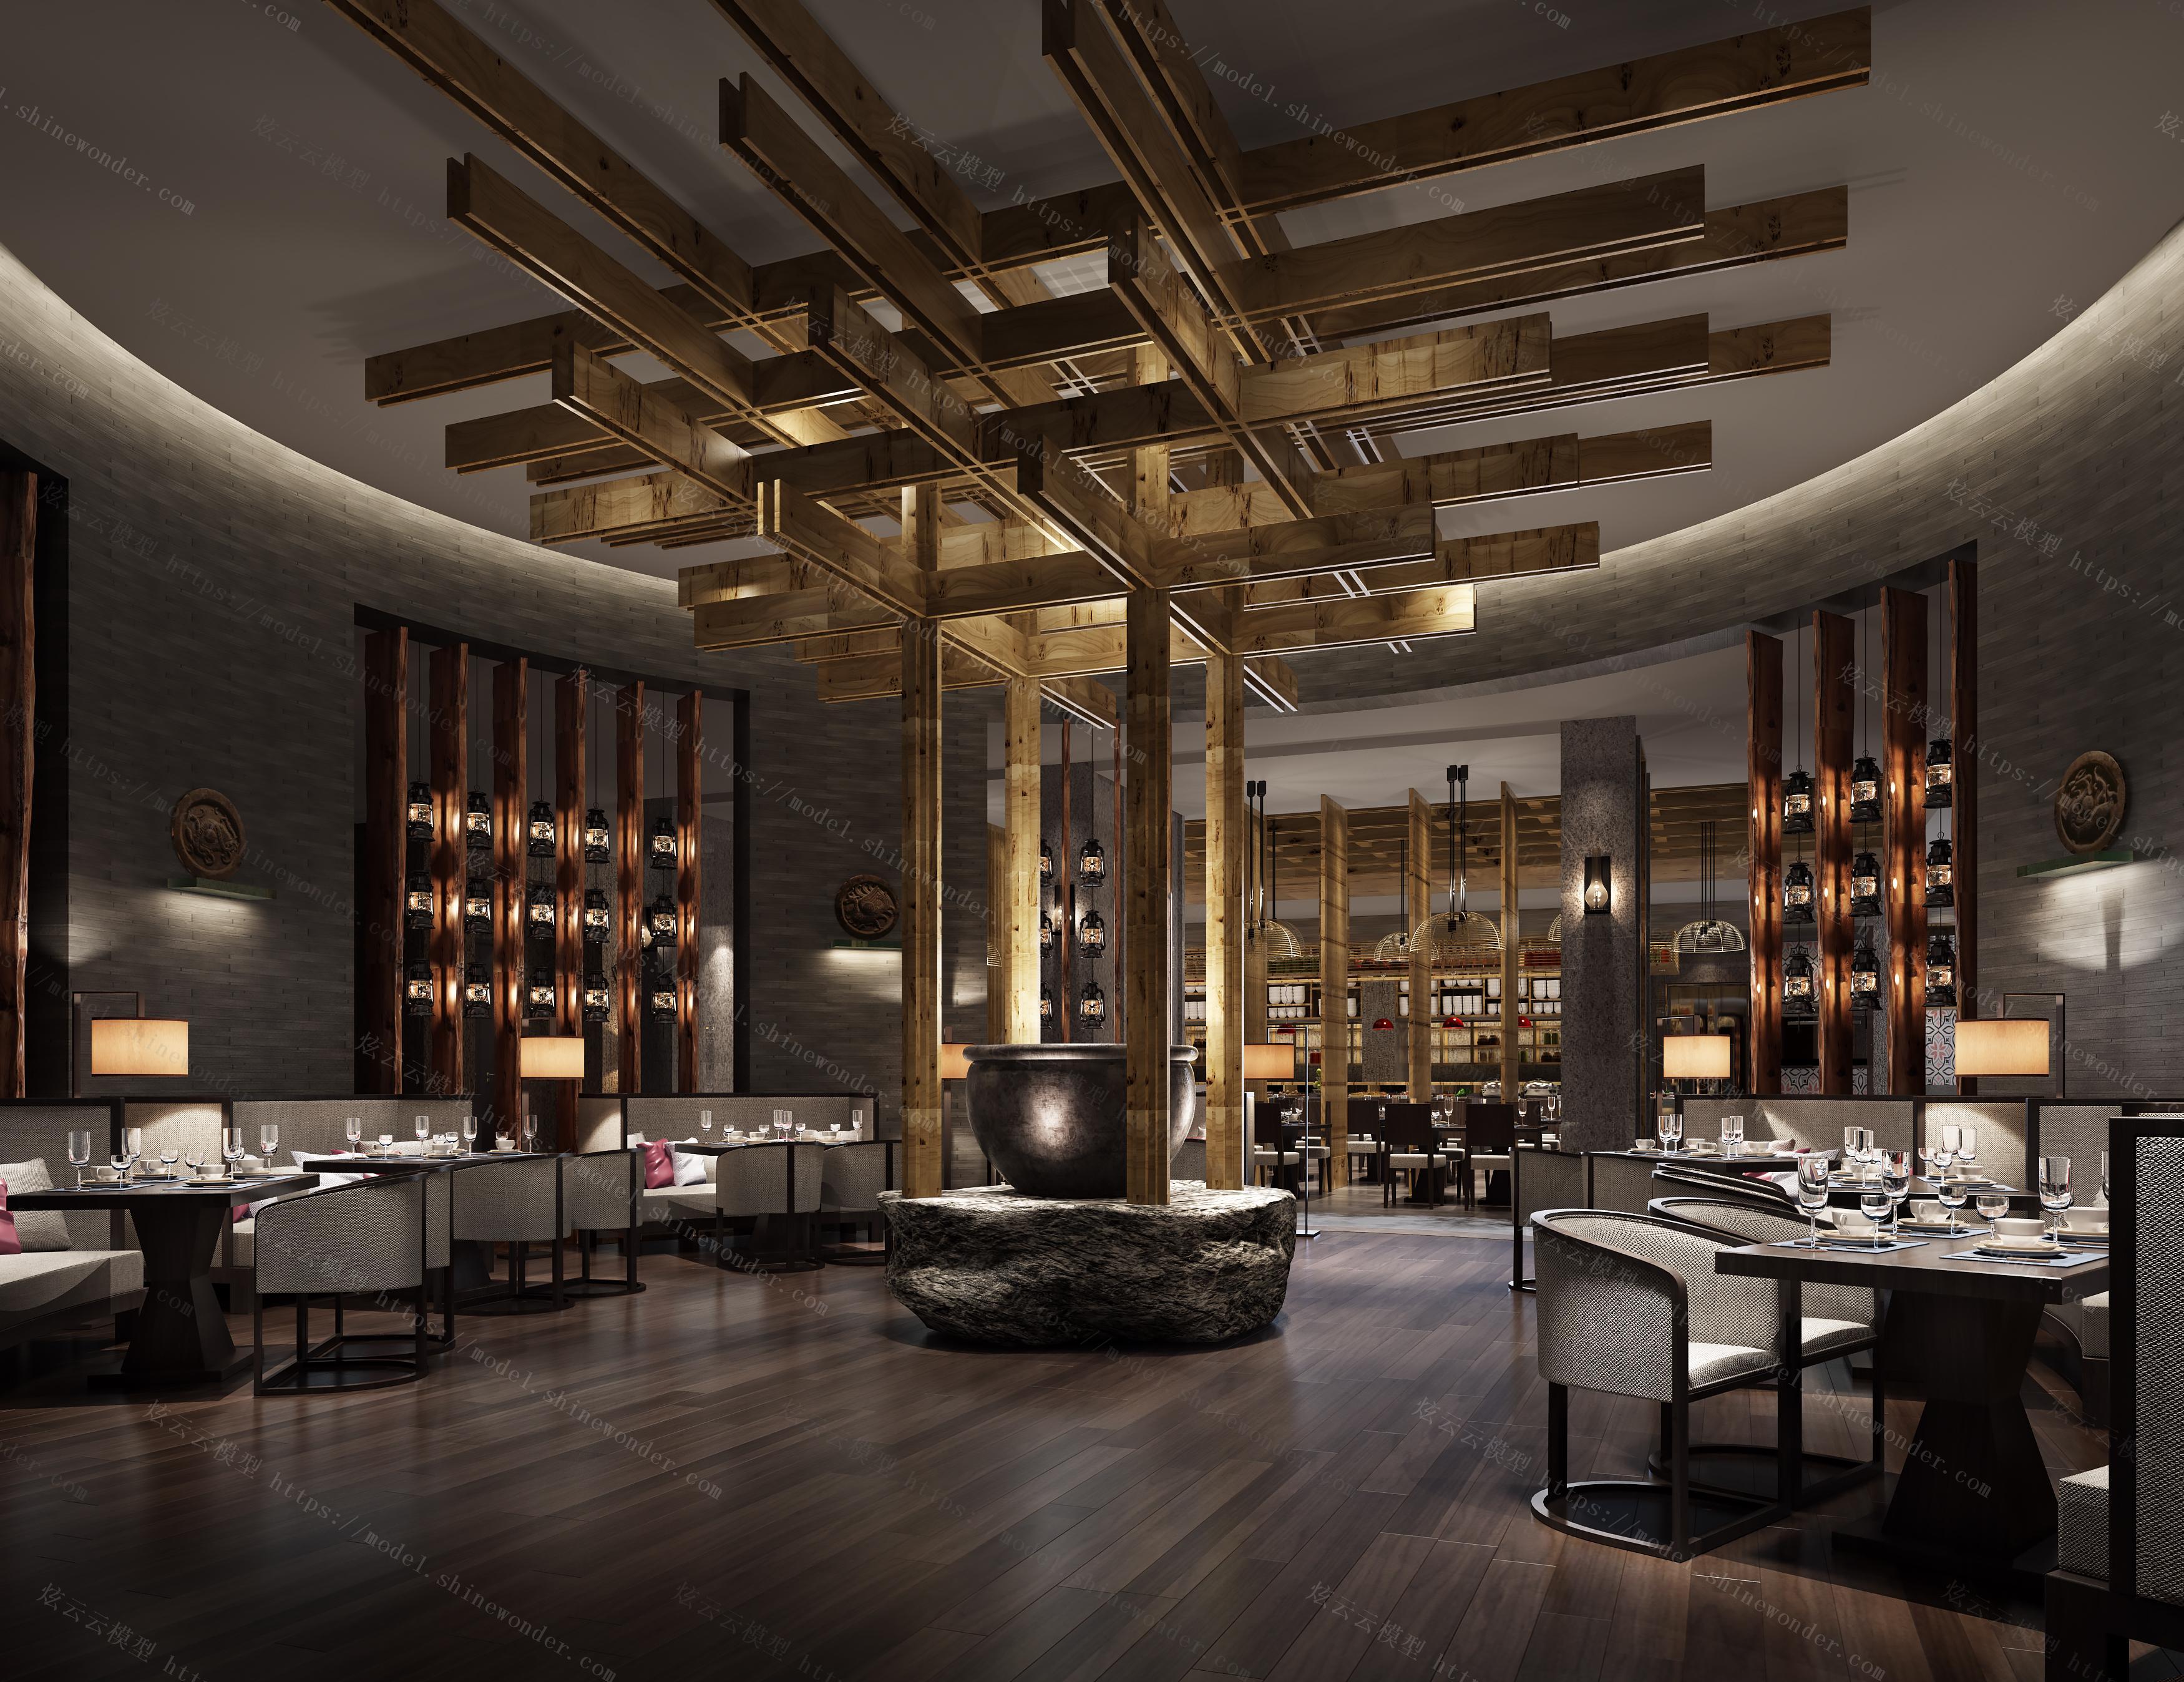 新中式温泉酒店大厅模型